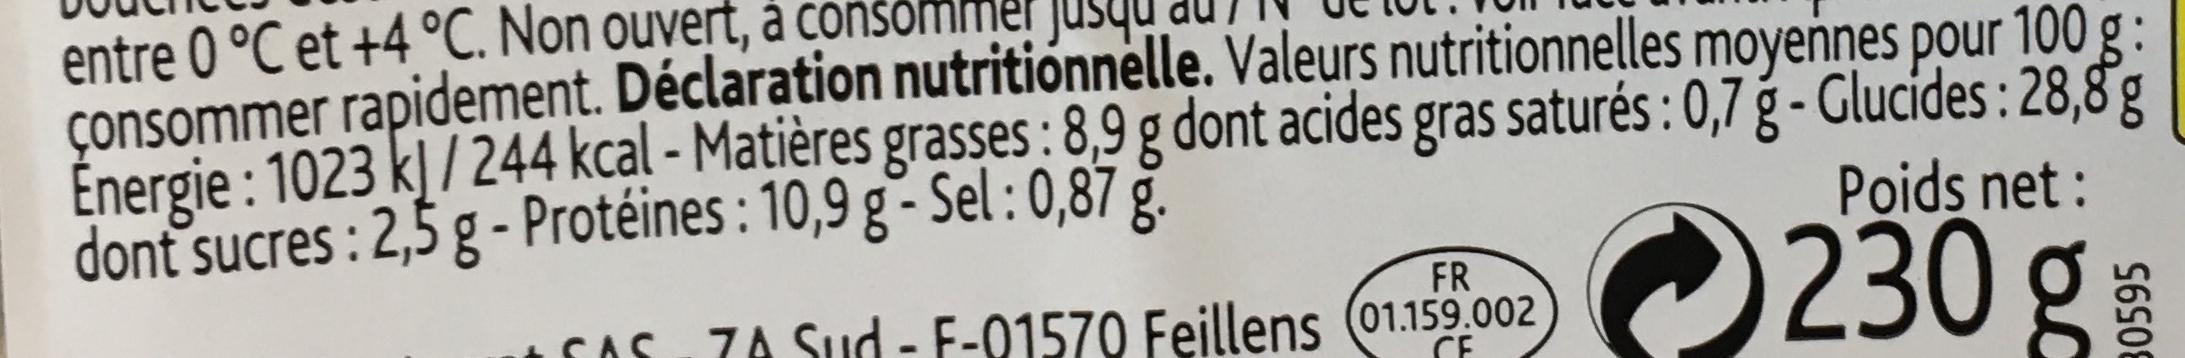 Crudités Thon Mayonnaise allégée Maxi - Voedigswaarden